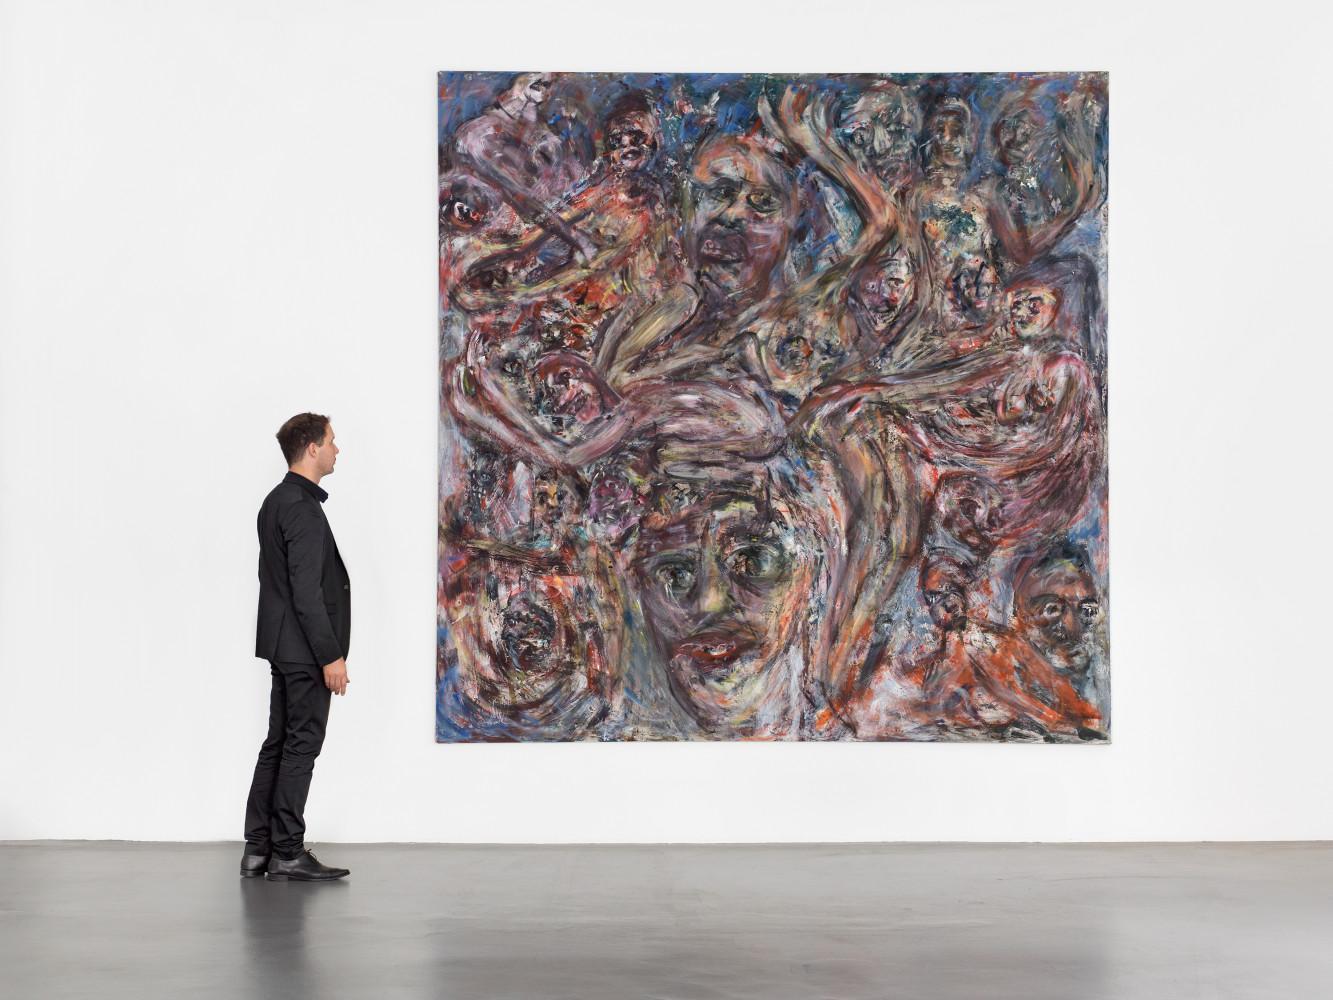 Martin Disler, 'untitled', Installation view, Buchmann Galerie, 1989–1992